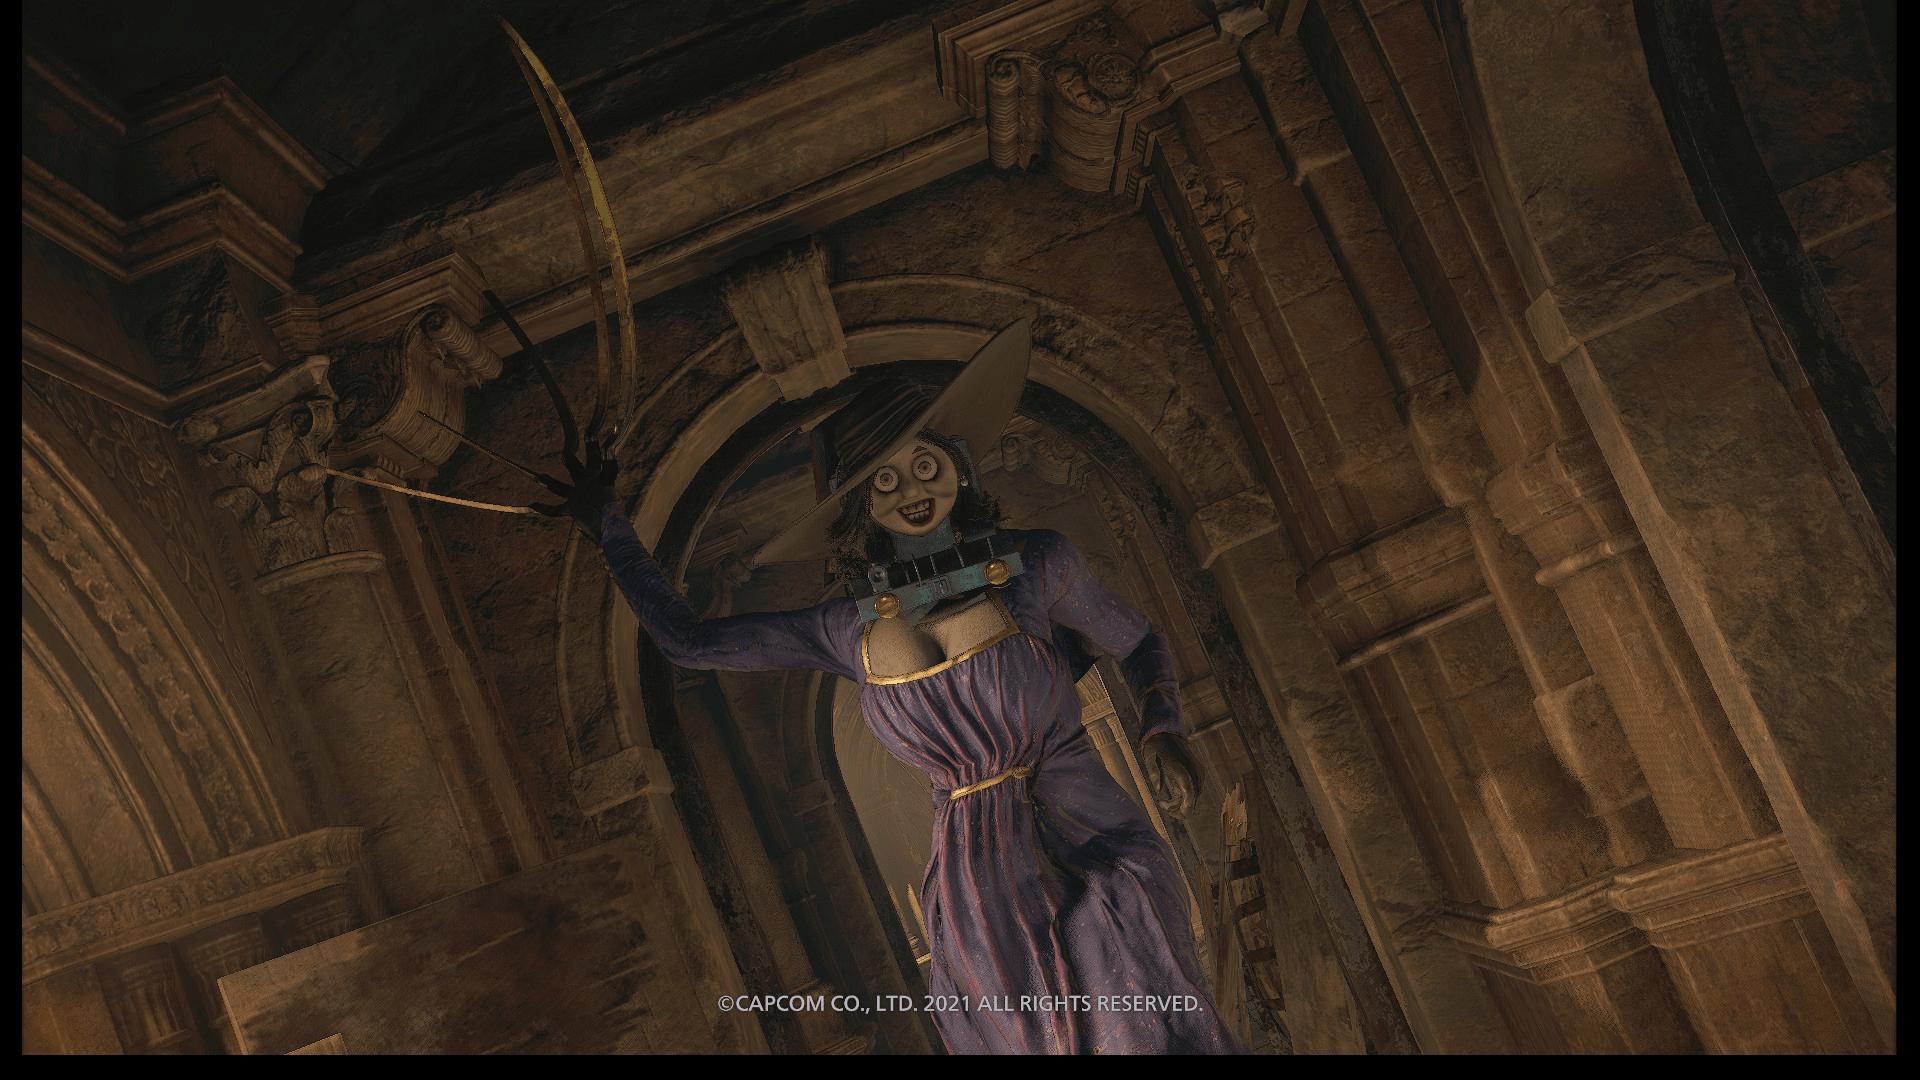 دانلود مد Count Theodora برای بازی Resident Evil Village